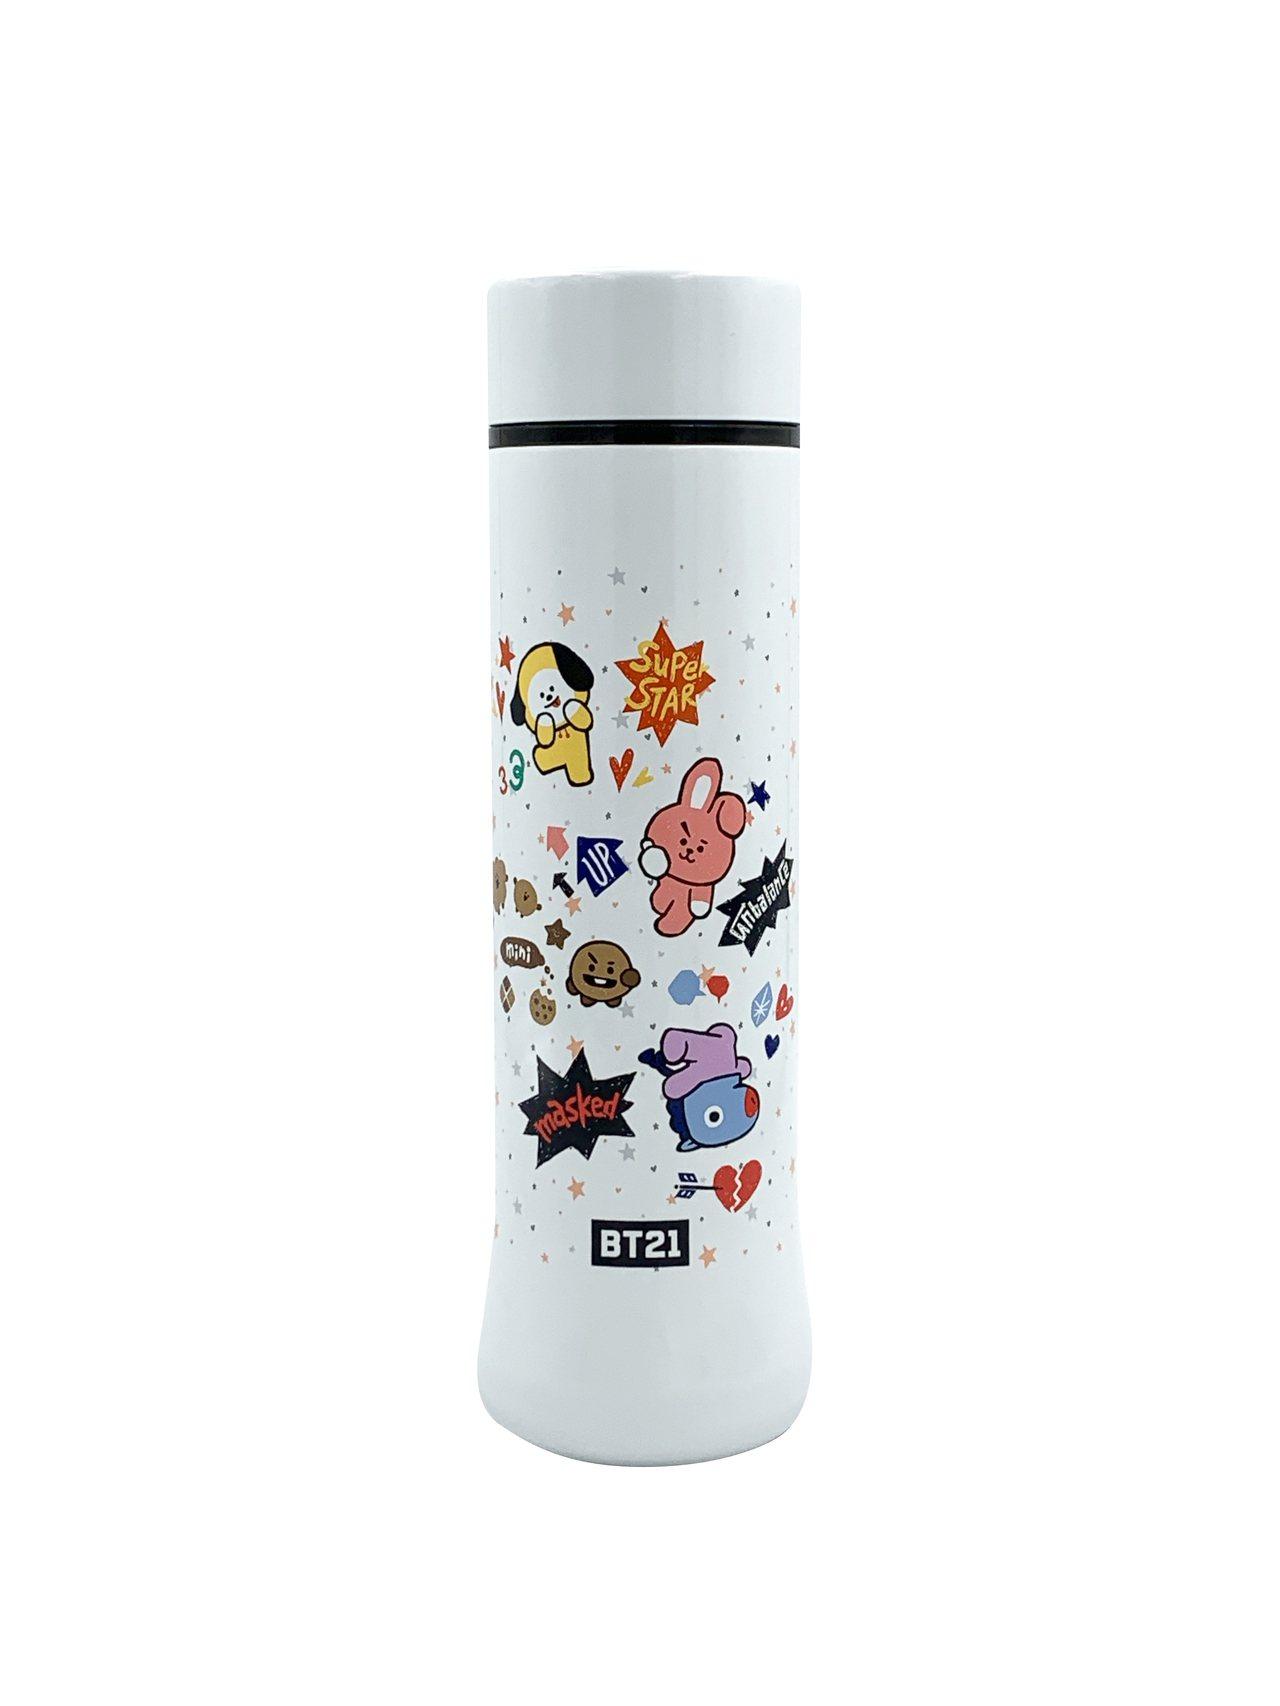 「BT21」保溫瓶-爆爆款,2,000點+779元,12月4日起於全家便利商店A...